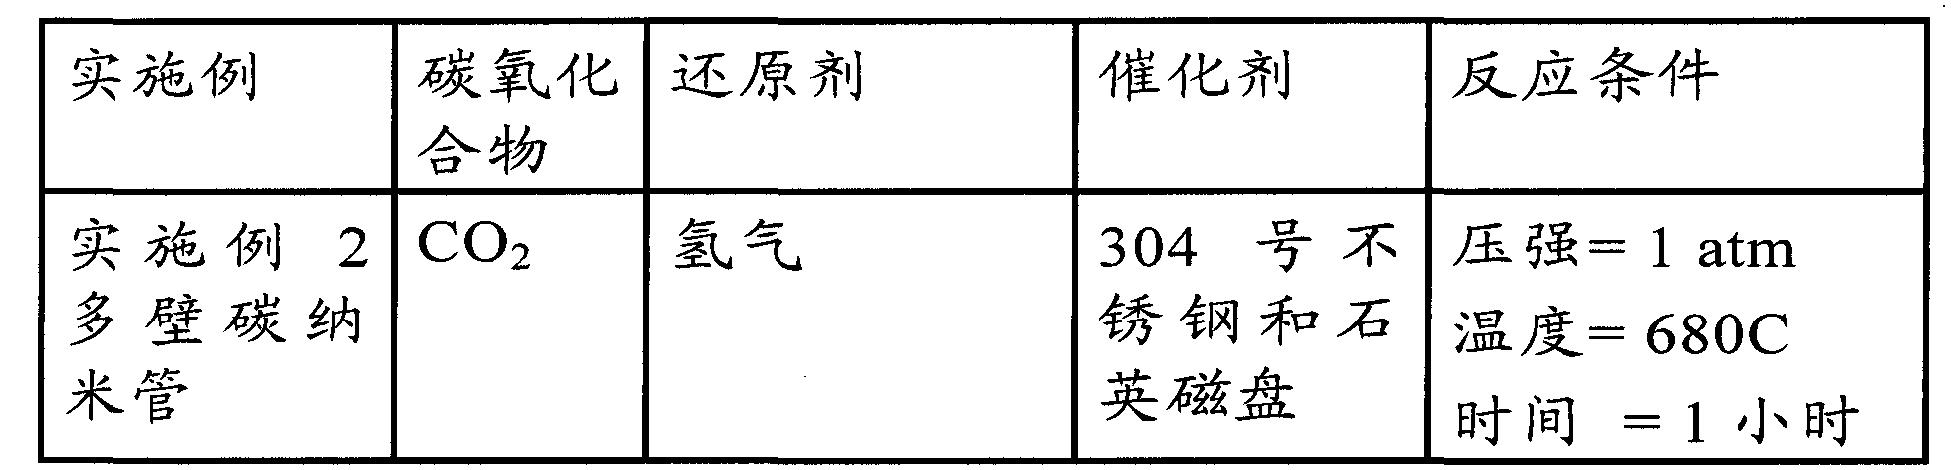 Figure CN102459727BD00234